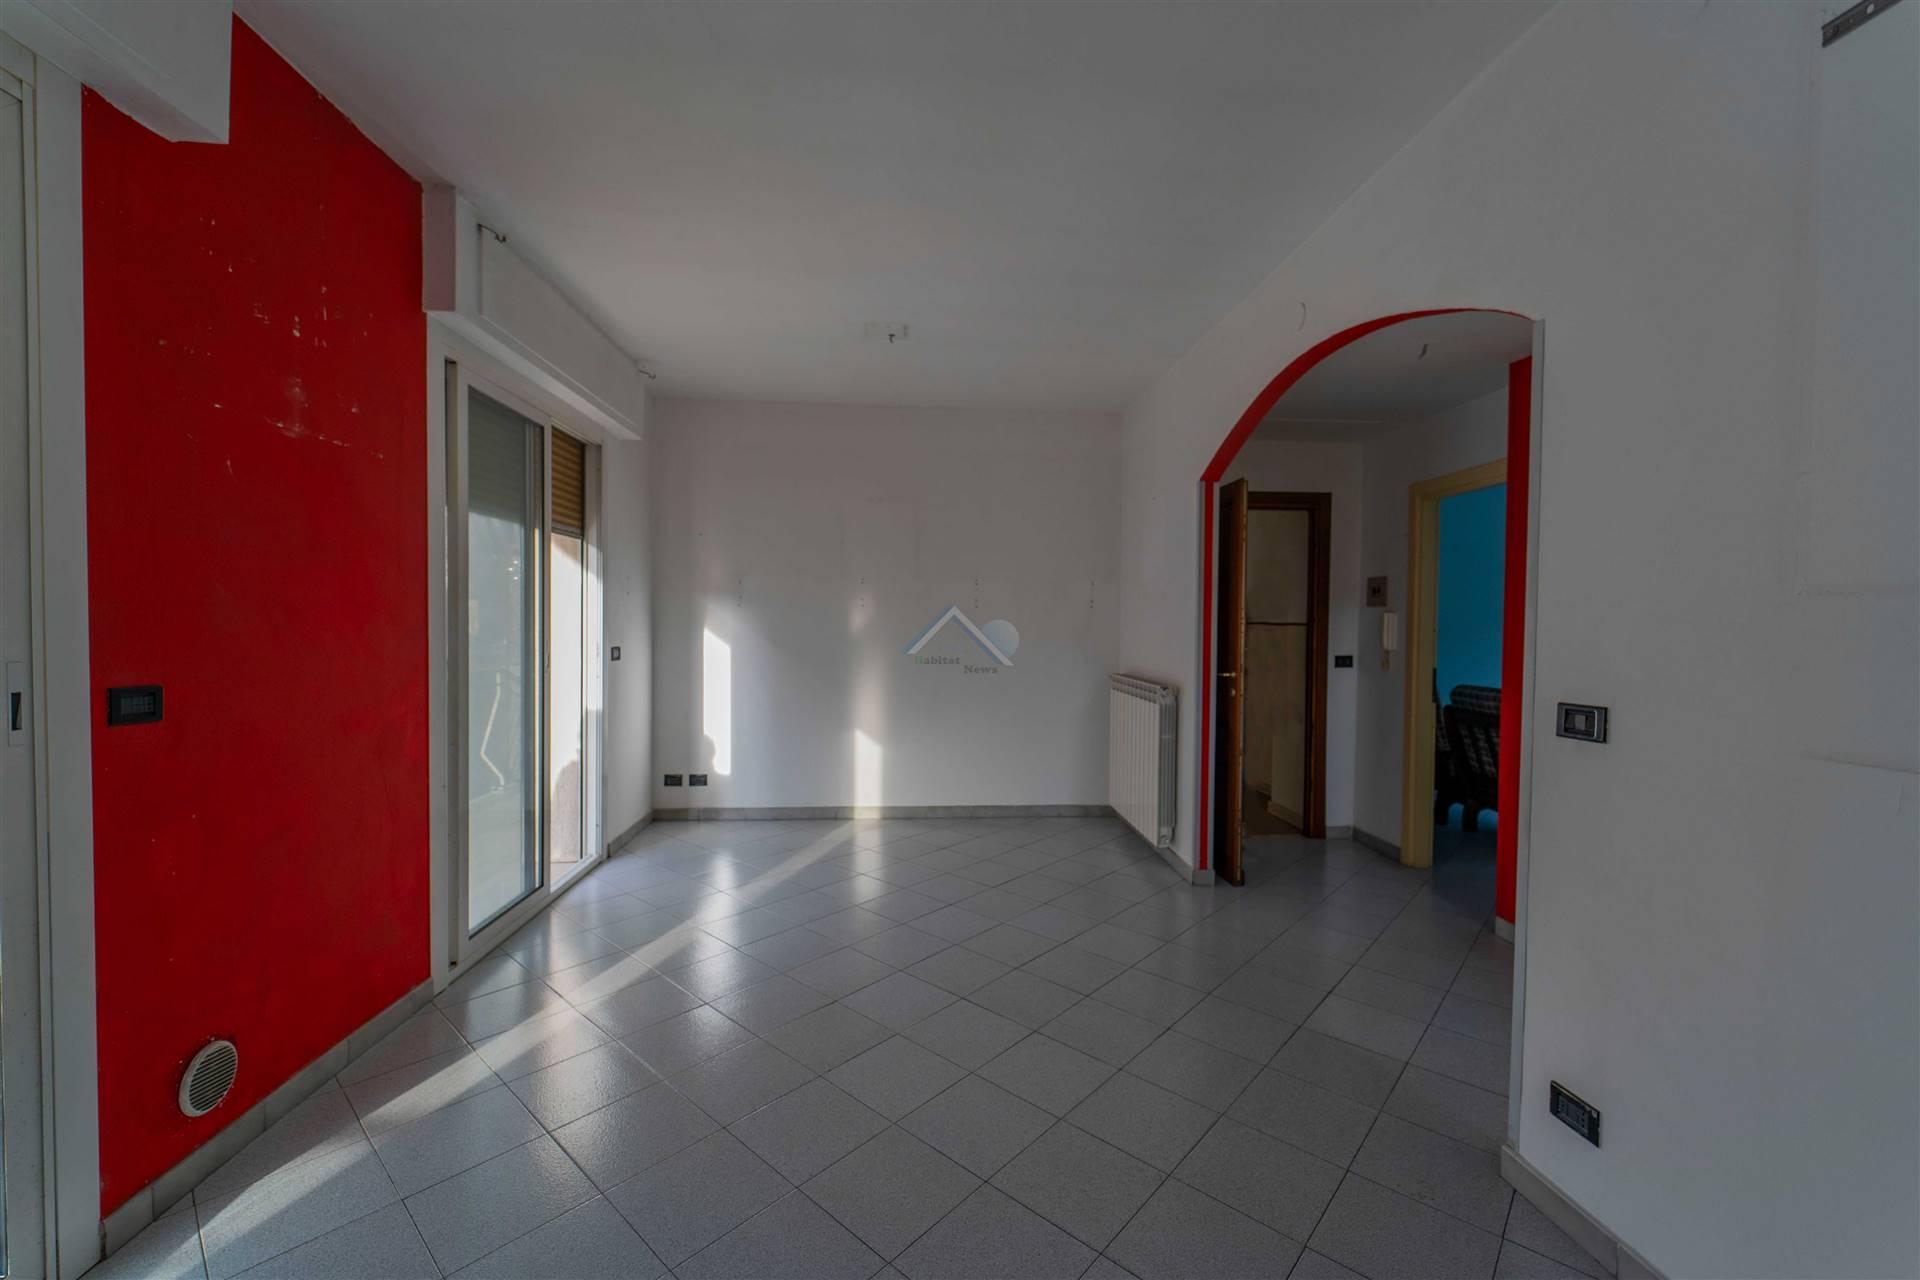 Appartamento in vendita a Camporosso, 3 locali, prezzo € 170.000 | CambioCasa.it